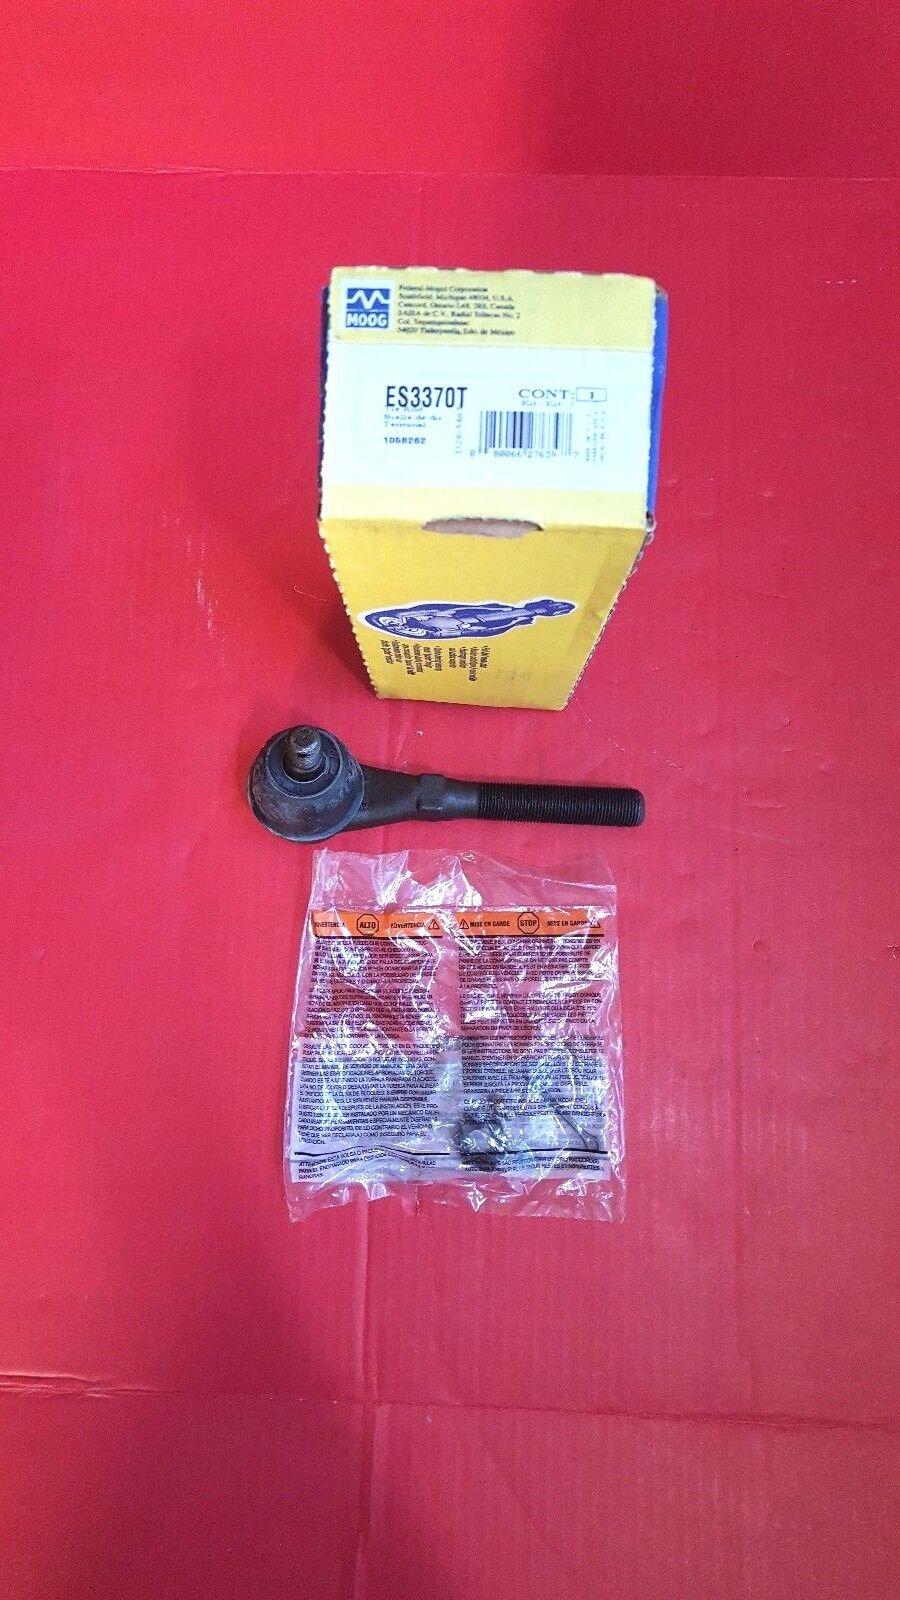 Moog ES3370T Steering Tie Rod End